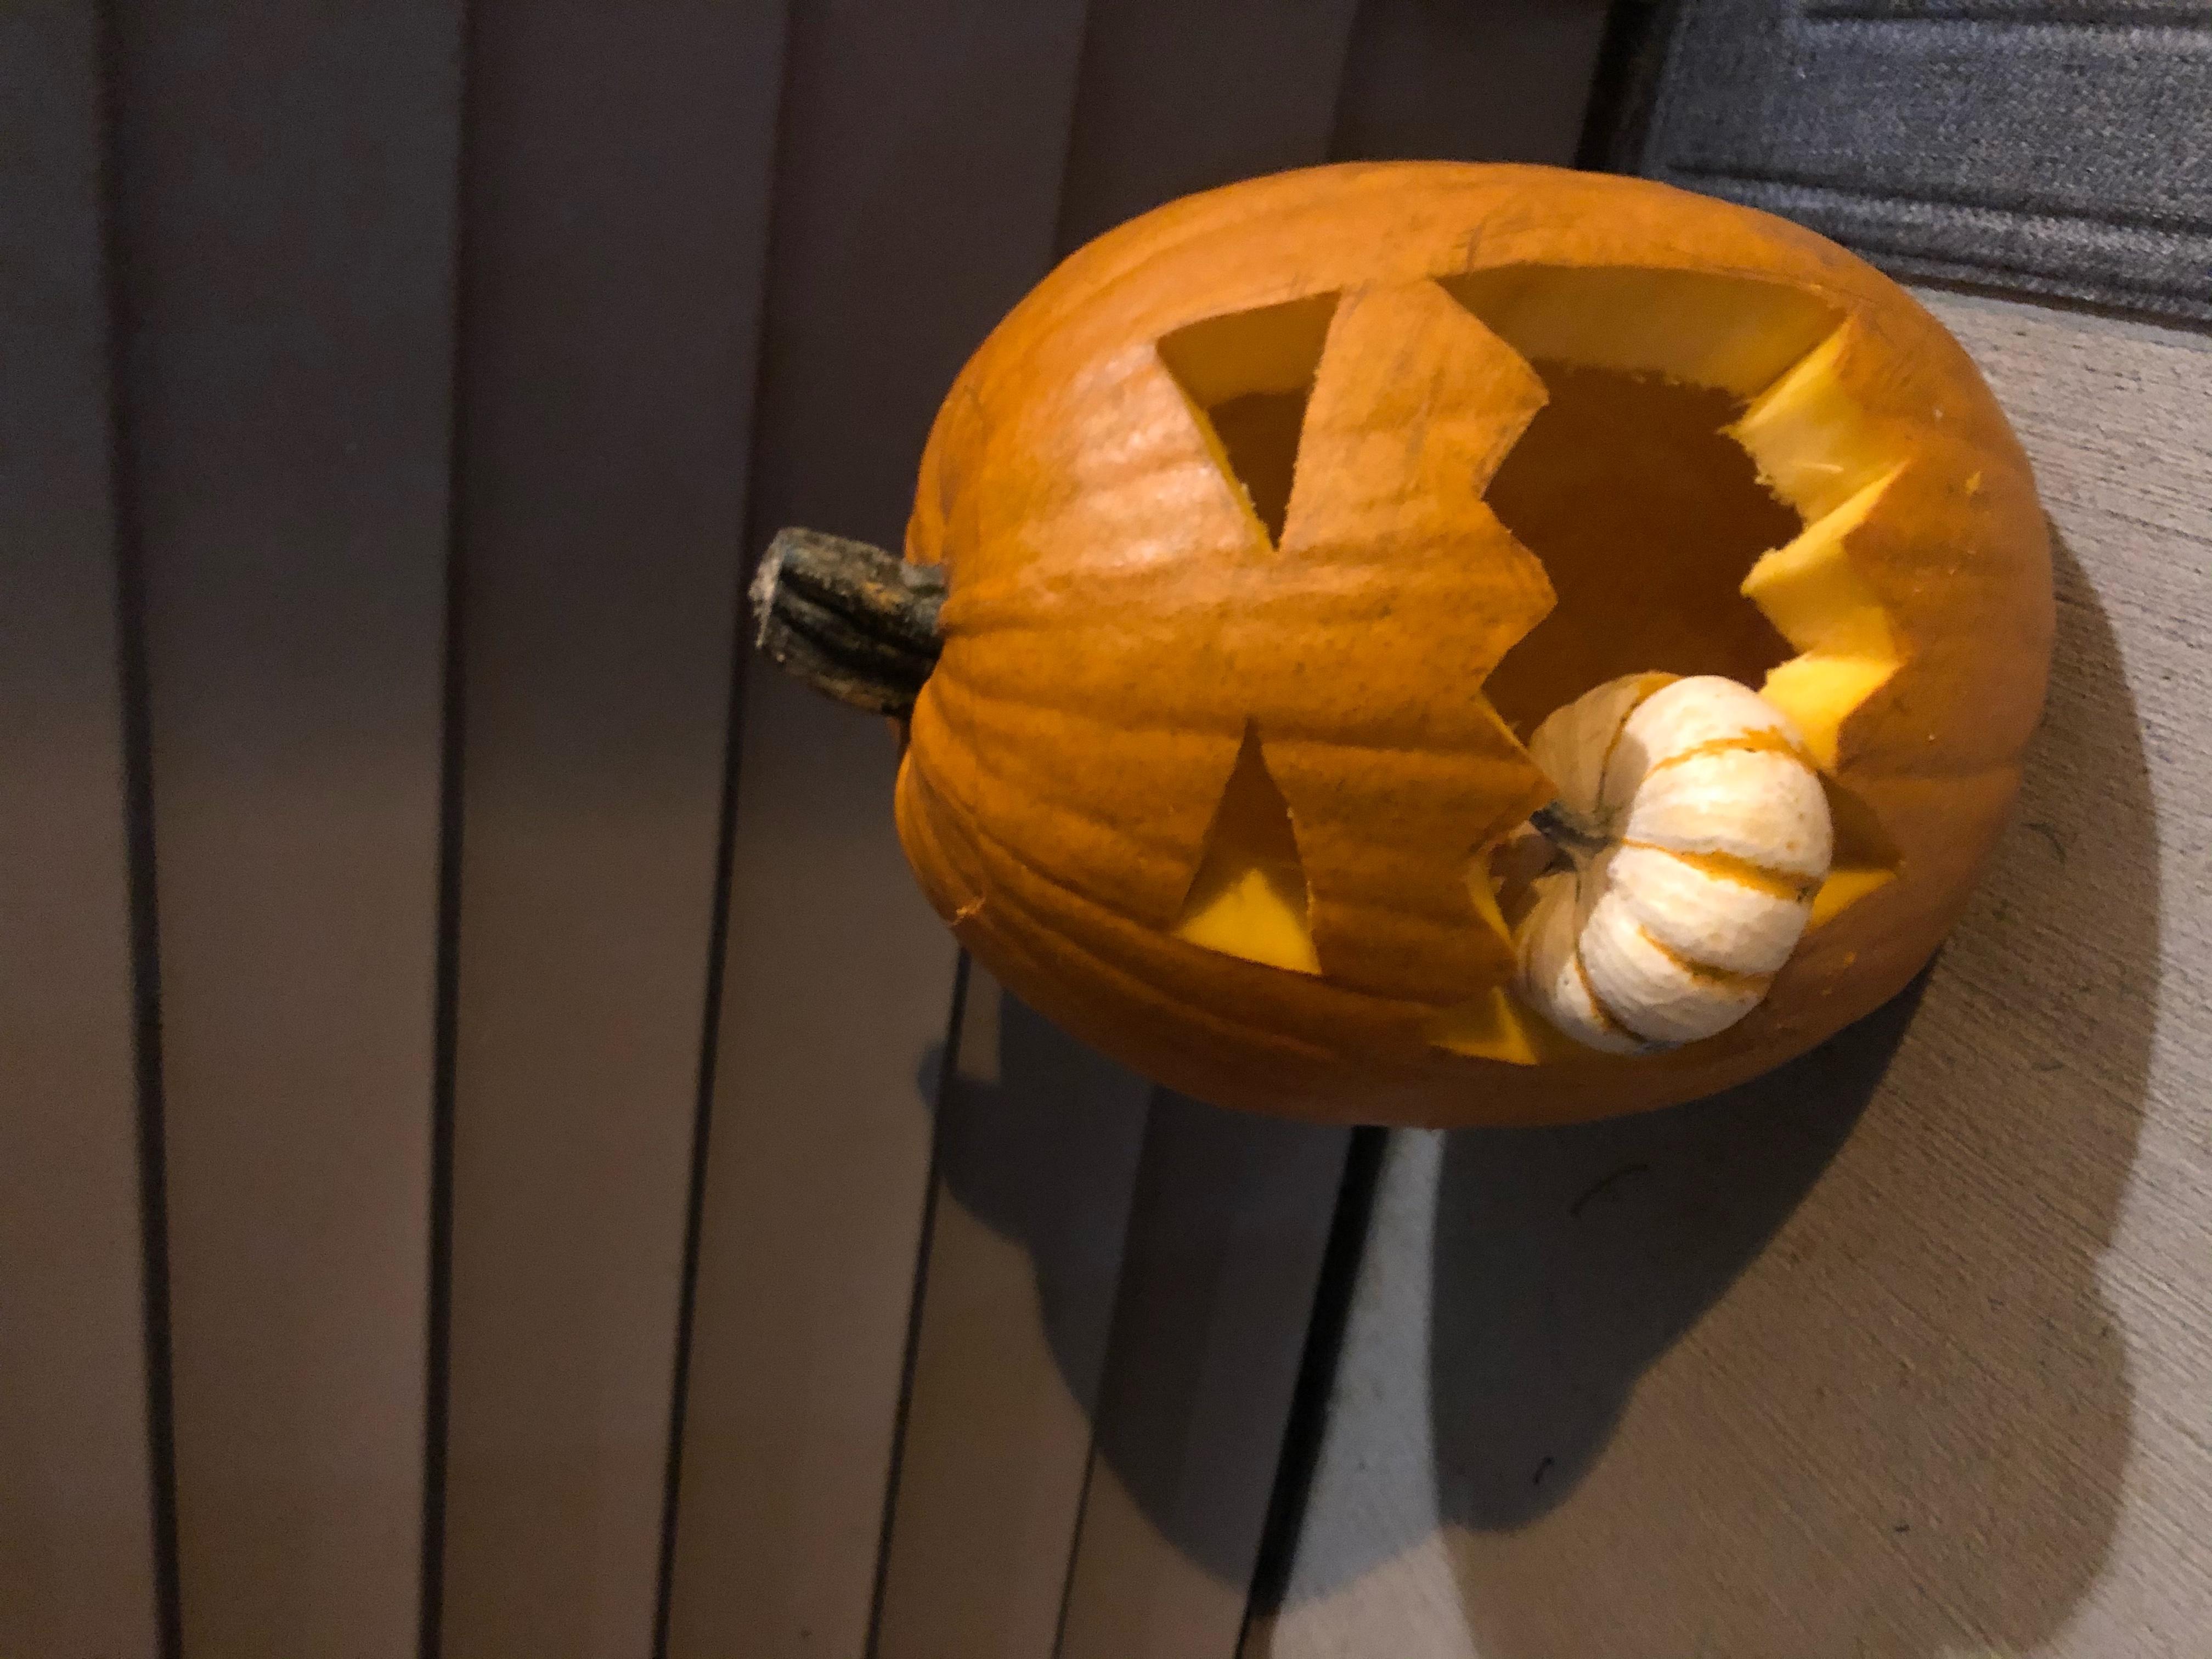 Carved pumpkin(s)